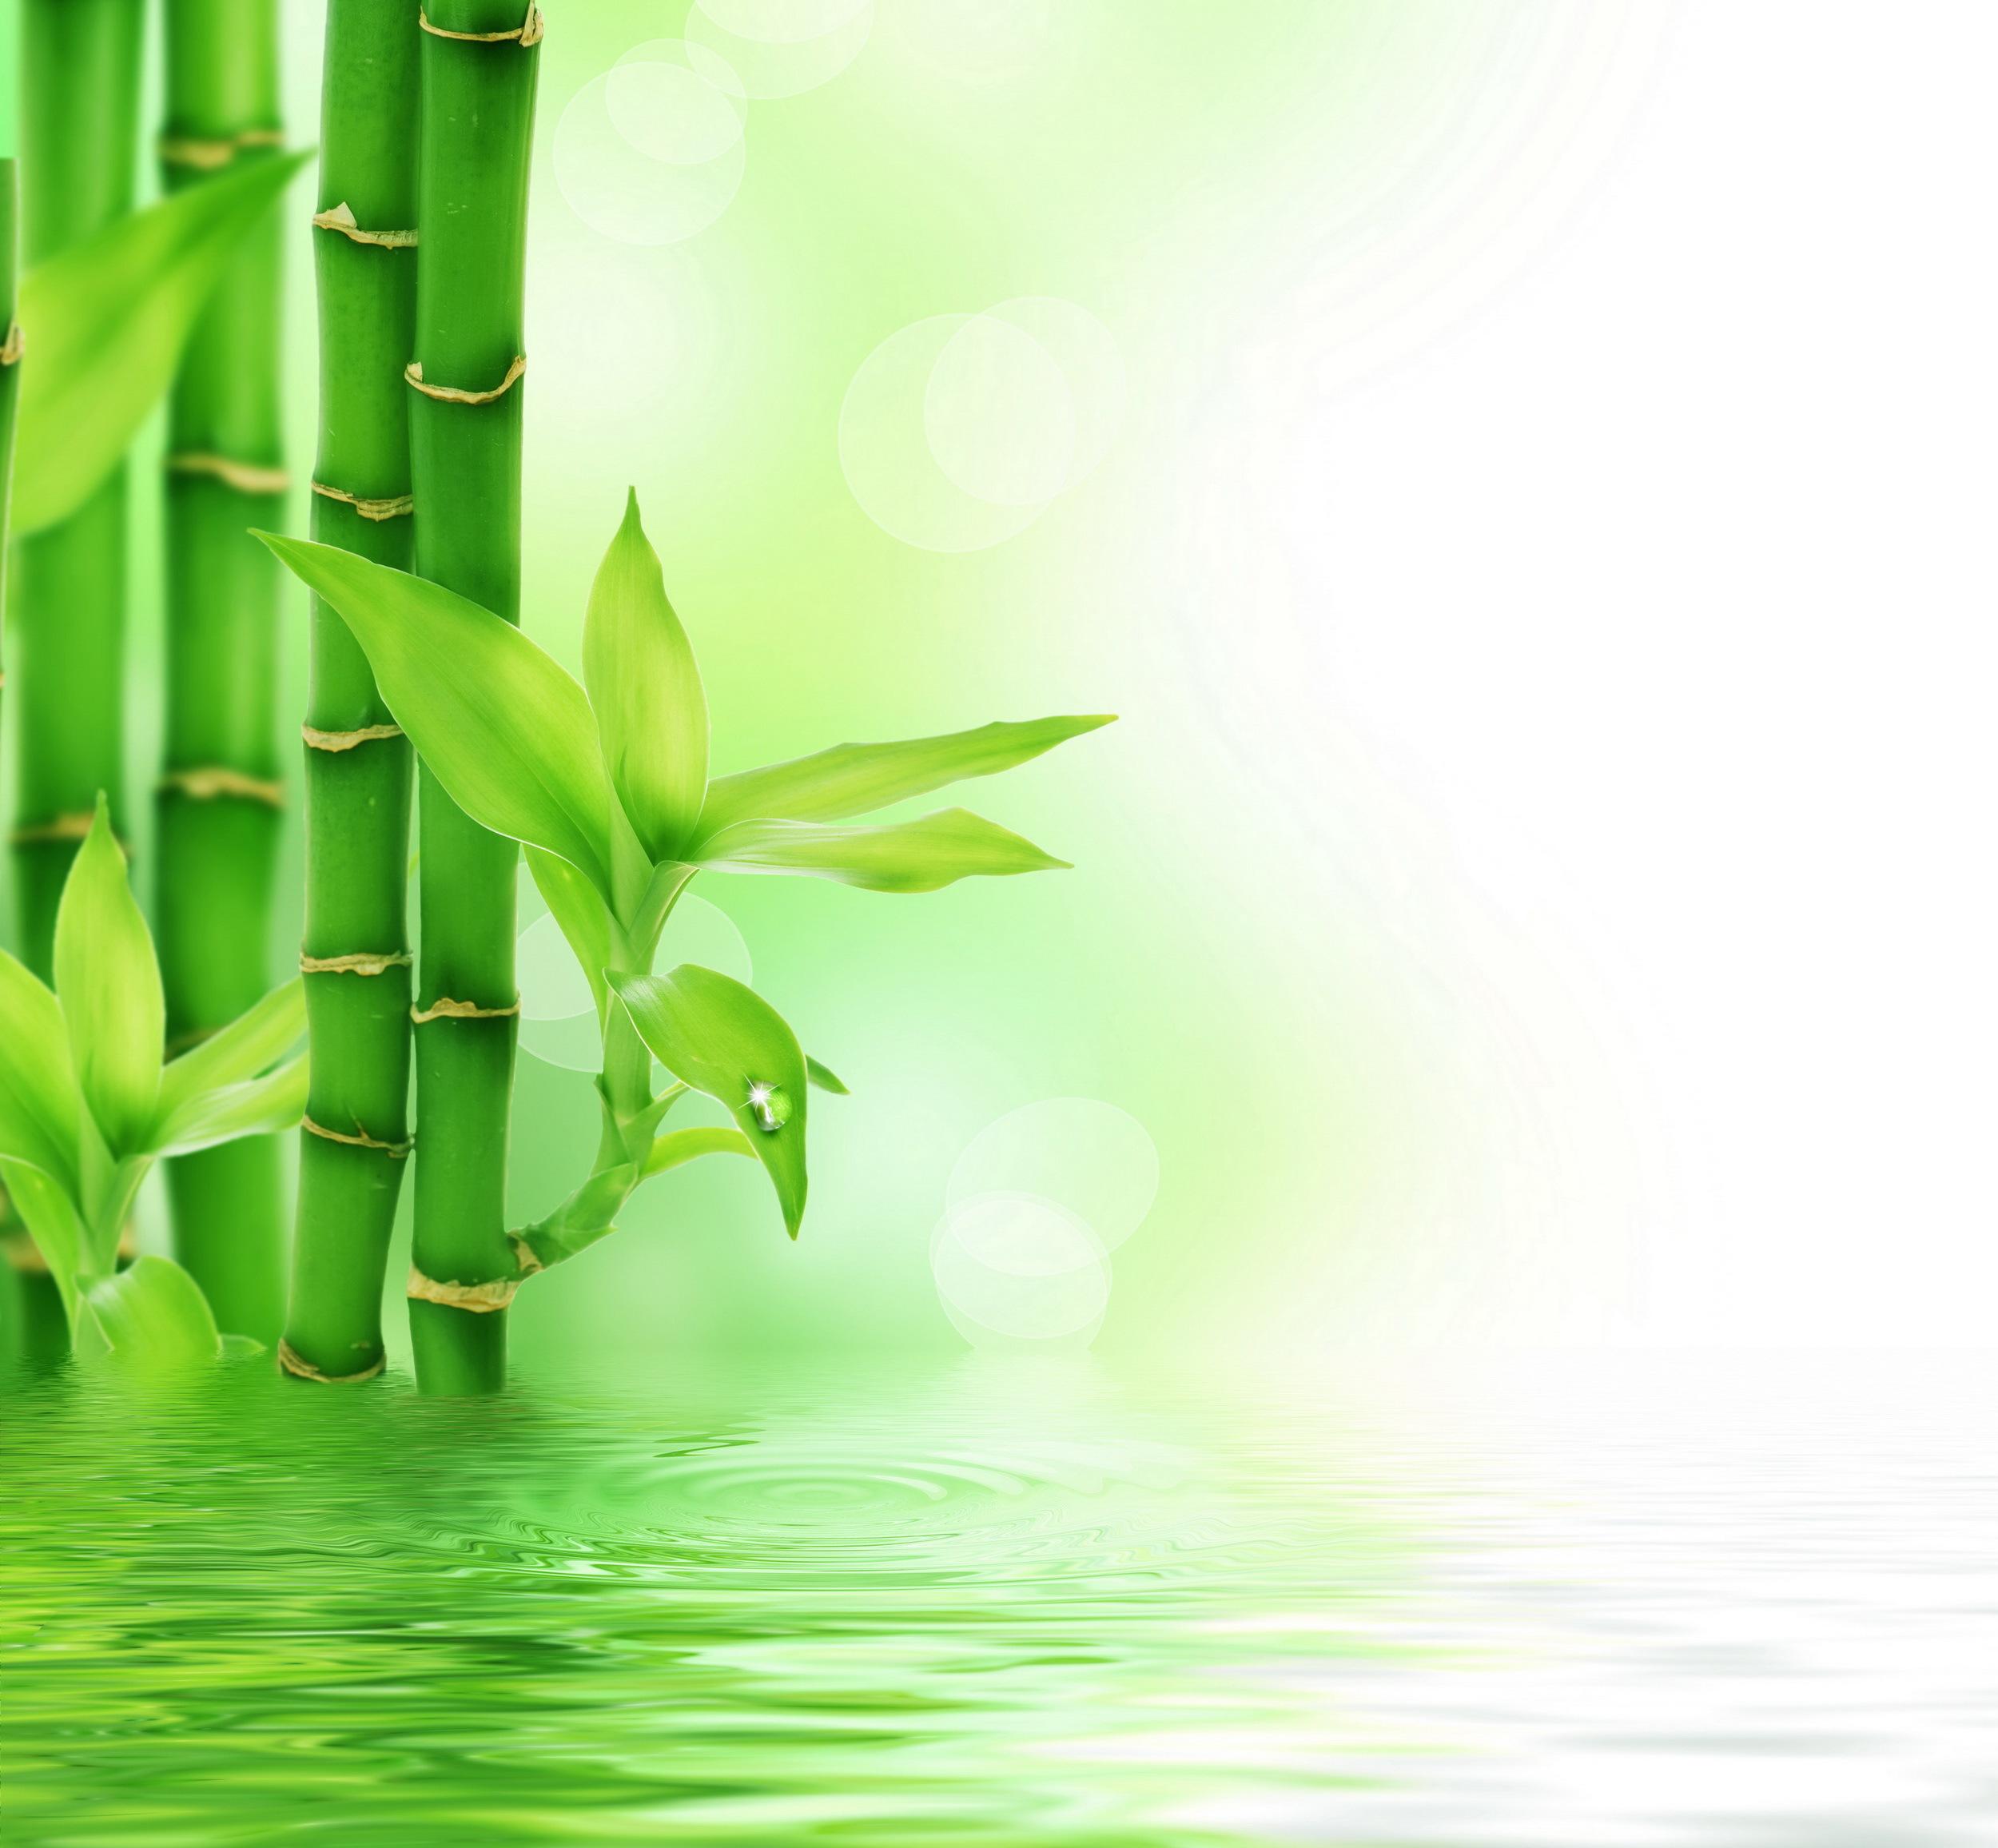 Descarga gratuita de fondo de pantalla para móvil de Plantas, Agua, Fondo.